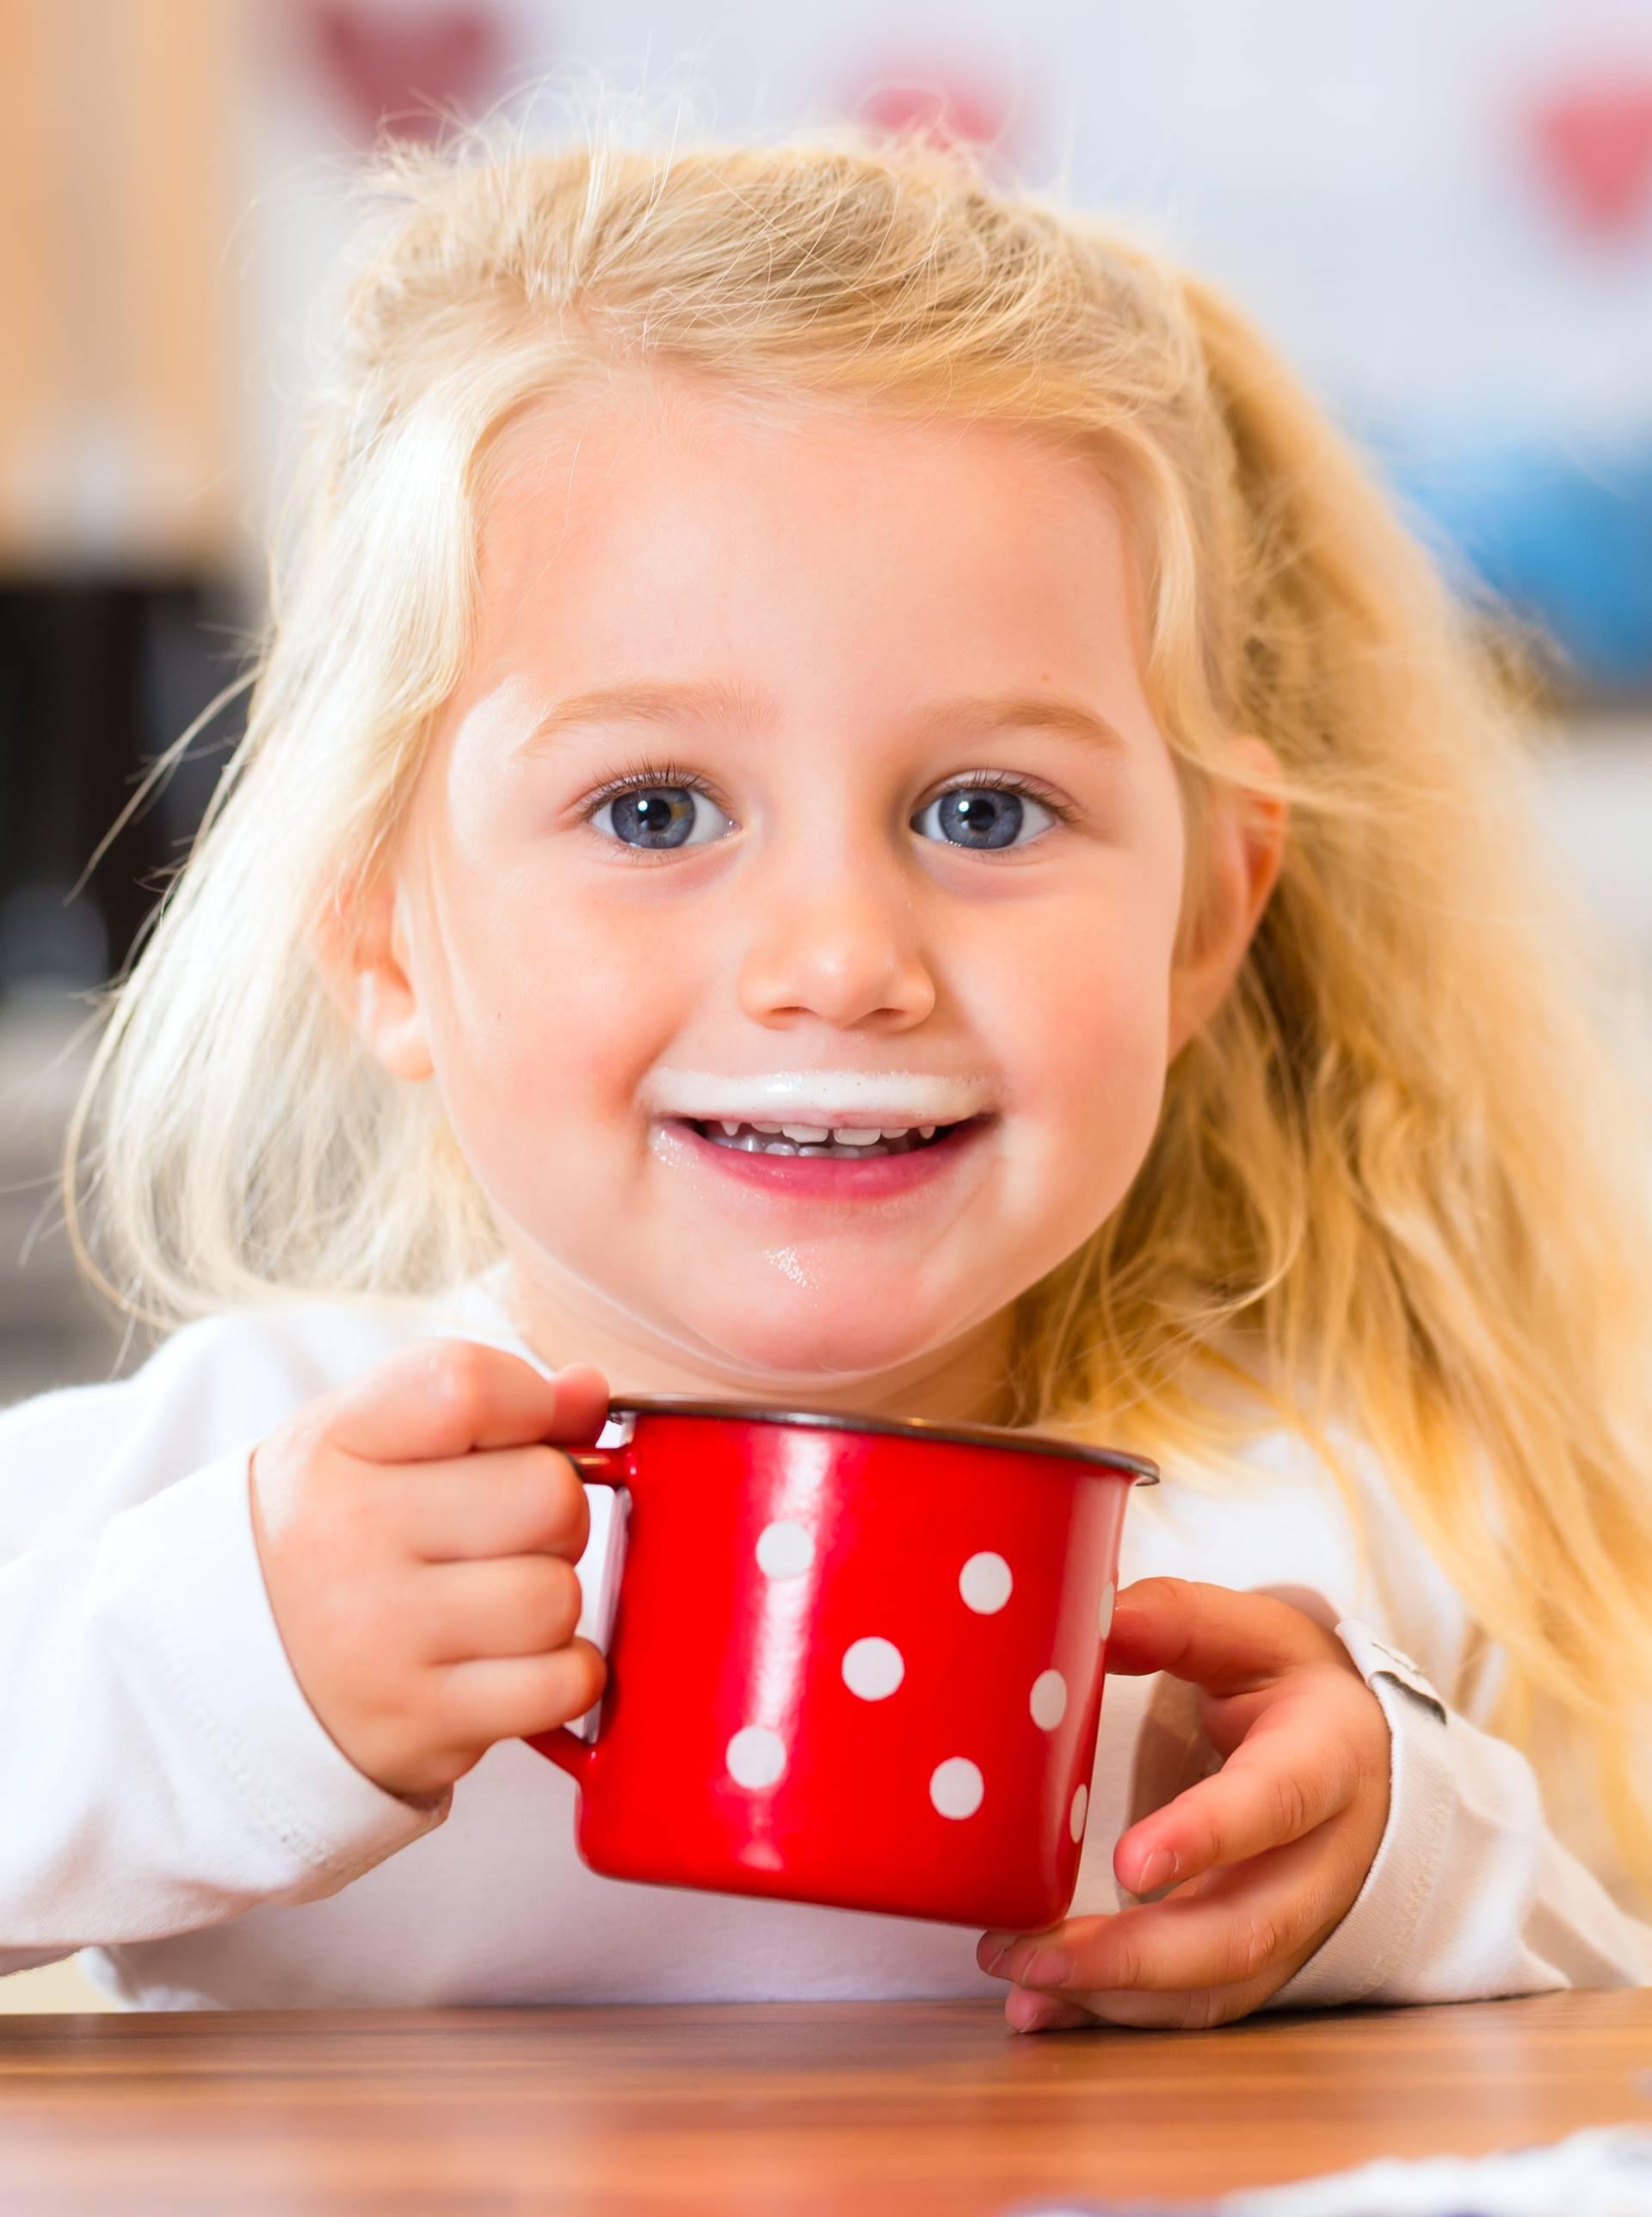 Girl drinking milk in kitchen